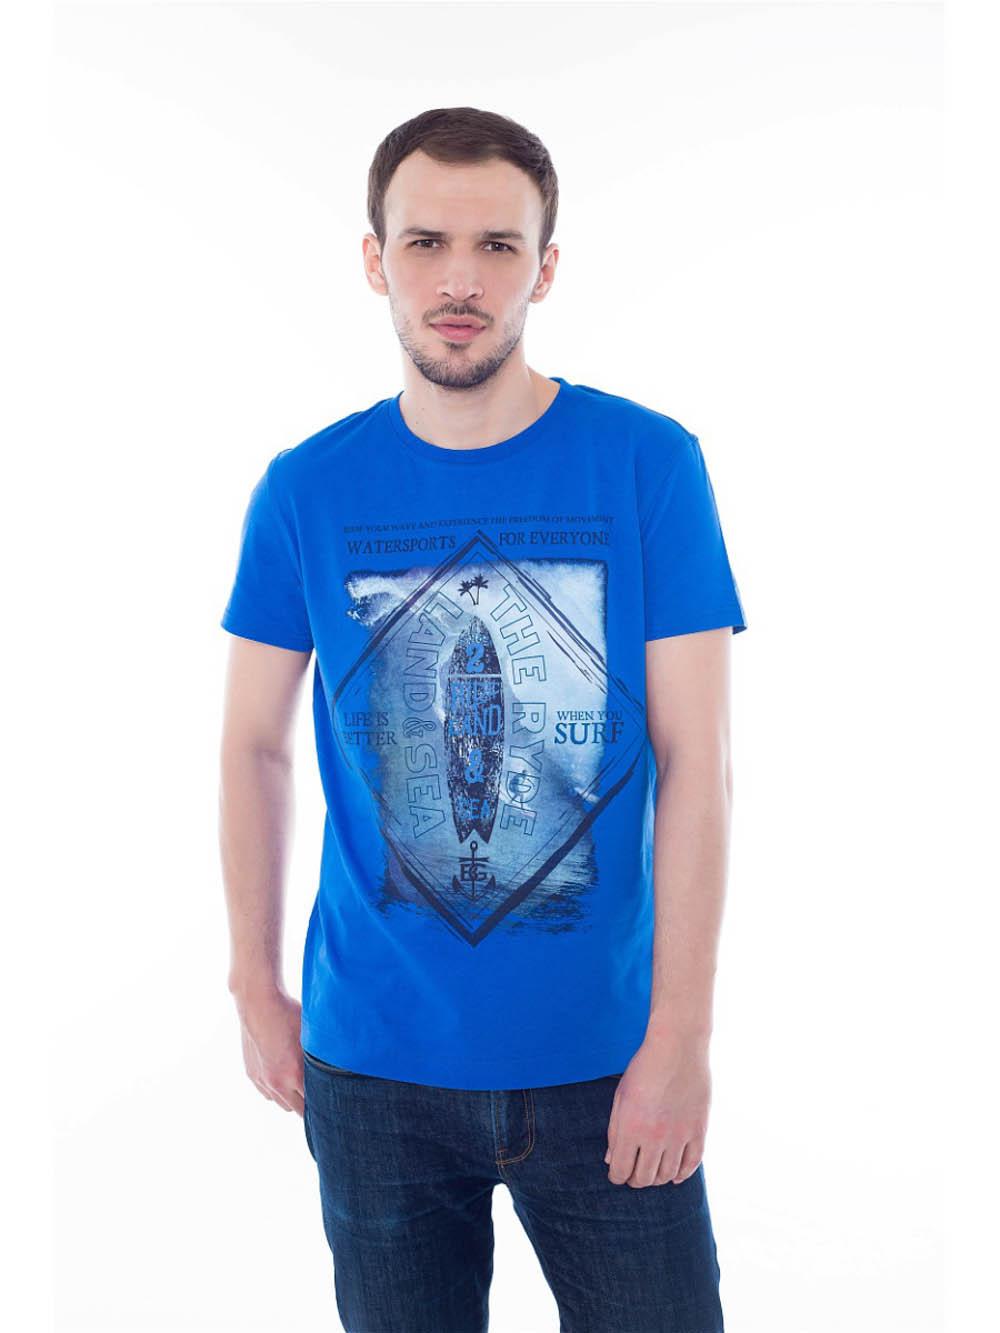 купить Футболки BeGood Футболка Water Sports Цвет: Синий (xxxxL) недорого